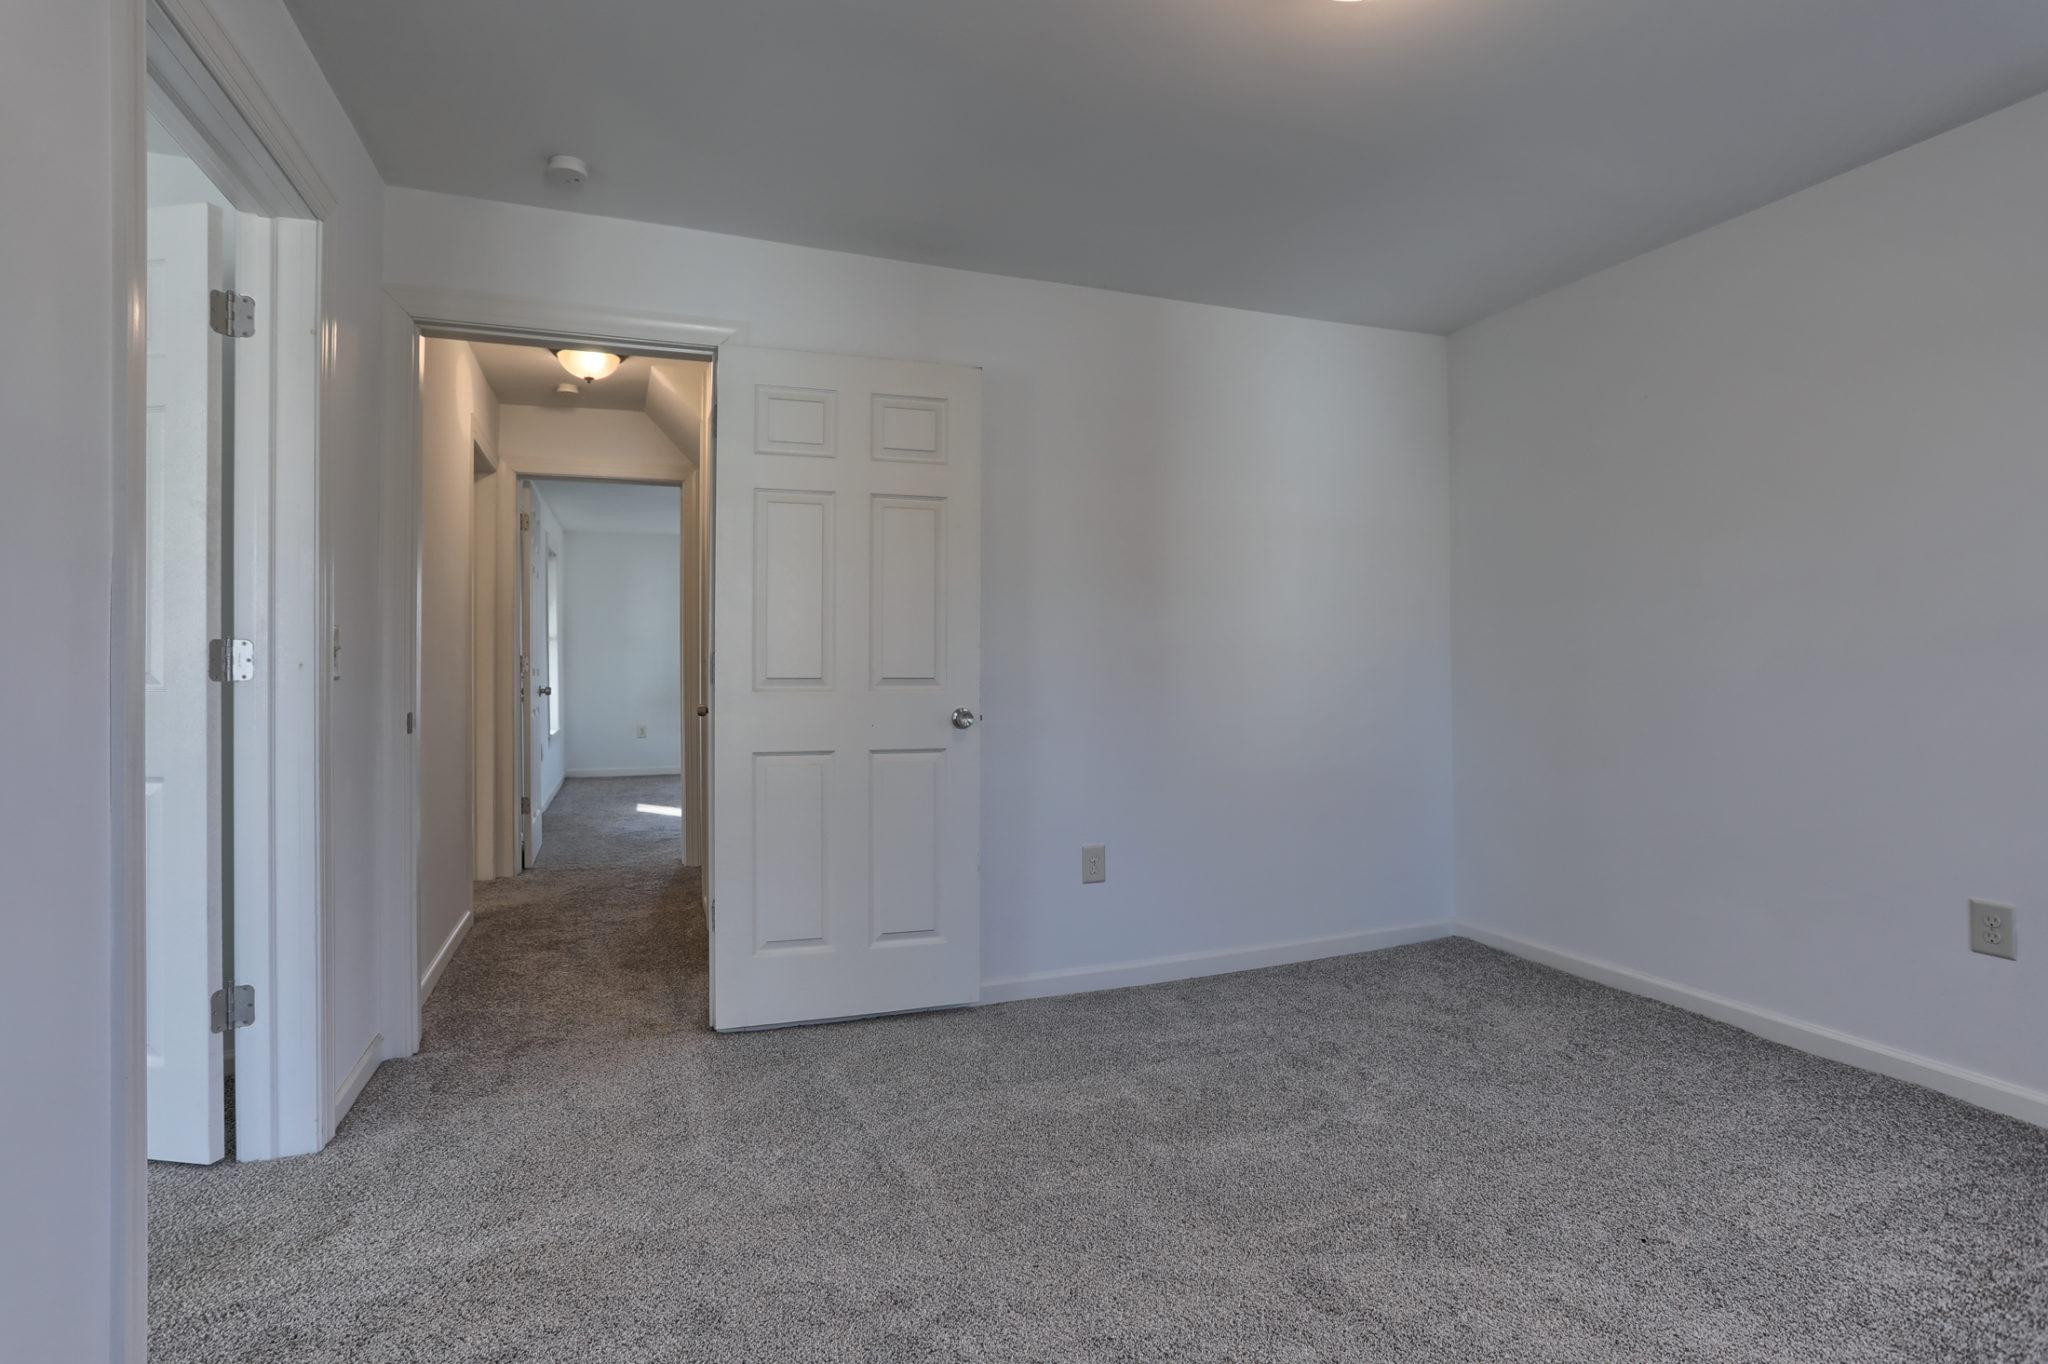 12 E. Center Ave. - Bedroom 2a